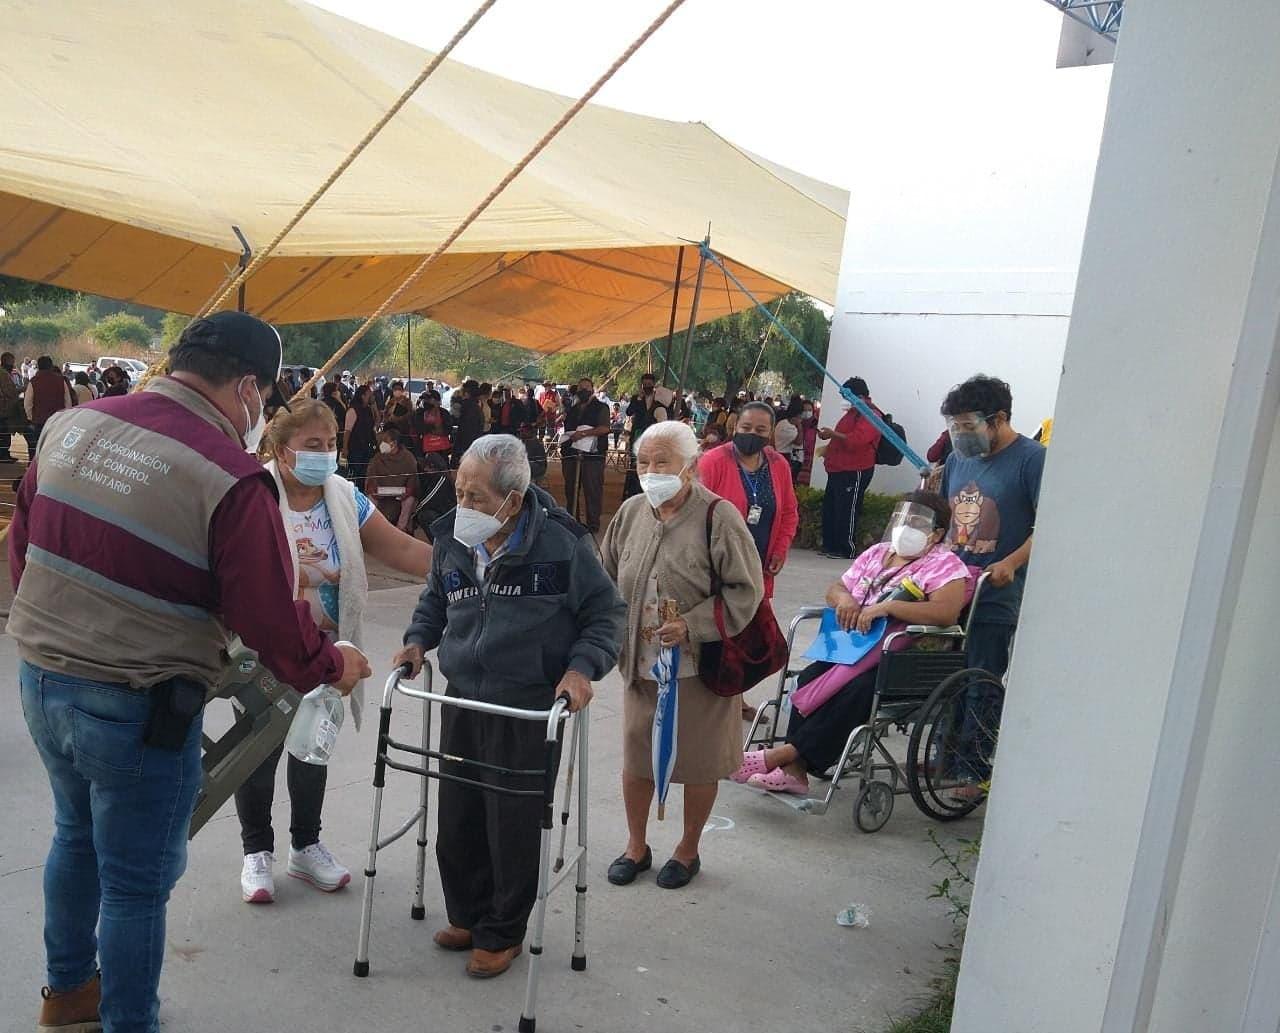 Calculan mal las dosis en Tehuacán y se quedan sin vacuna anticovid